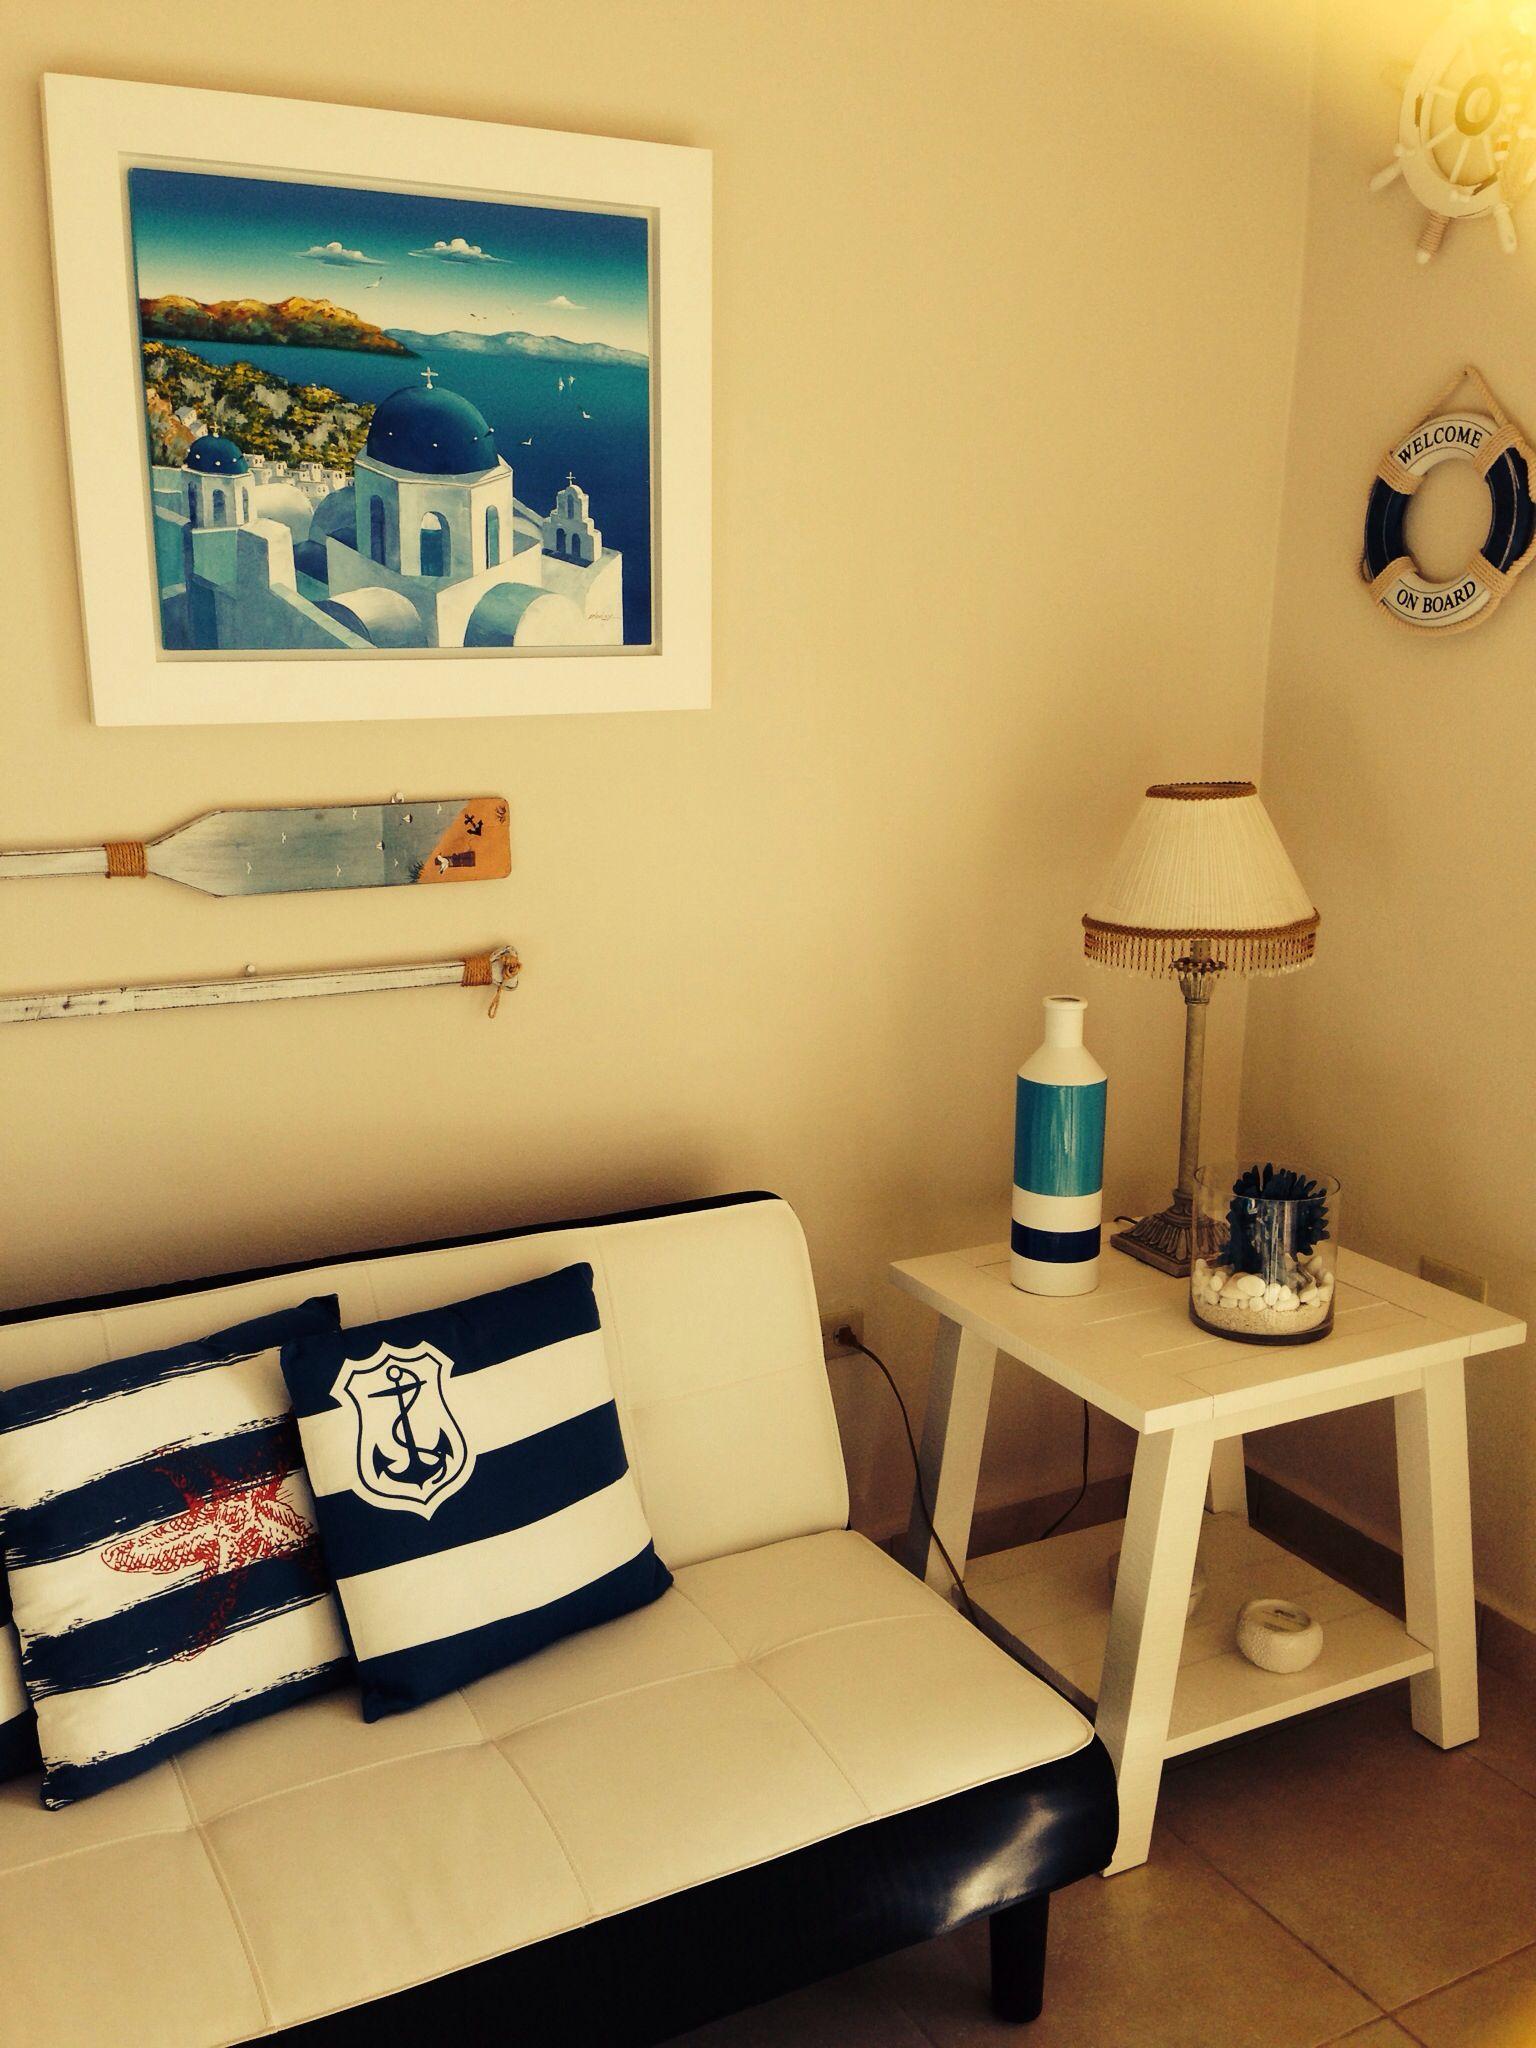 Apartamento en Combate del Mar , Cabo Rojo Puerto Rico | Decoración ...